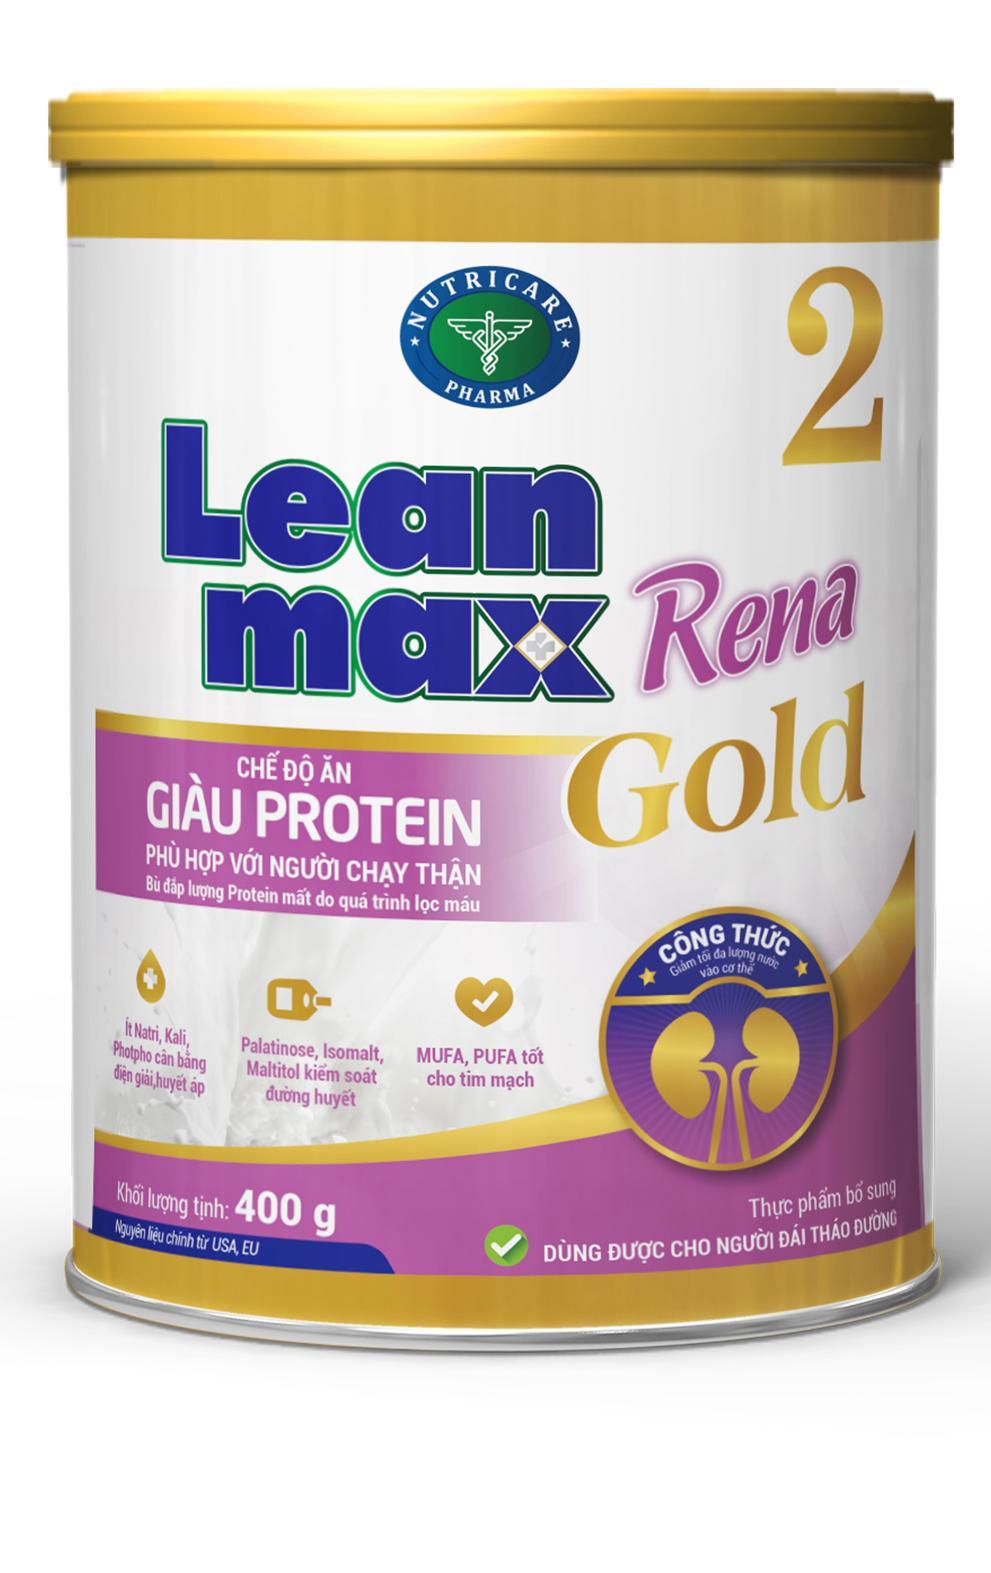 Sữa Leanmax Rena 2 Gold (Sữa đặc hiệu dành cho người chạy lọc thận)